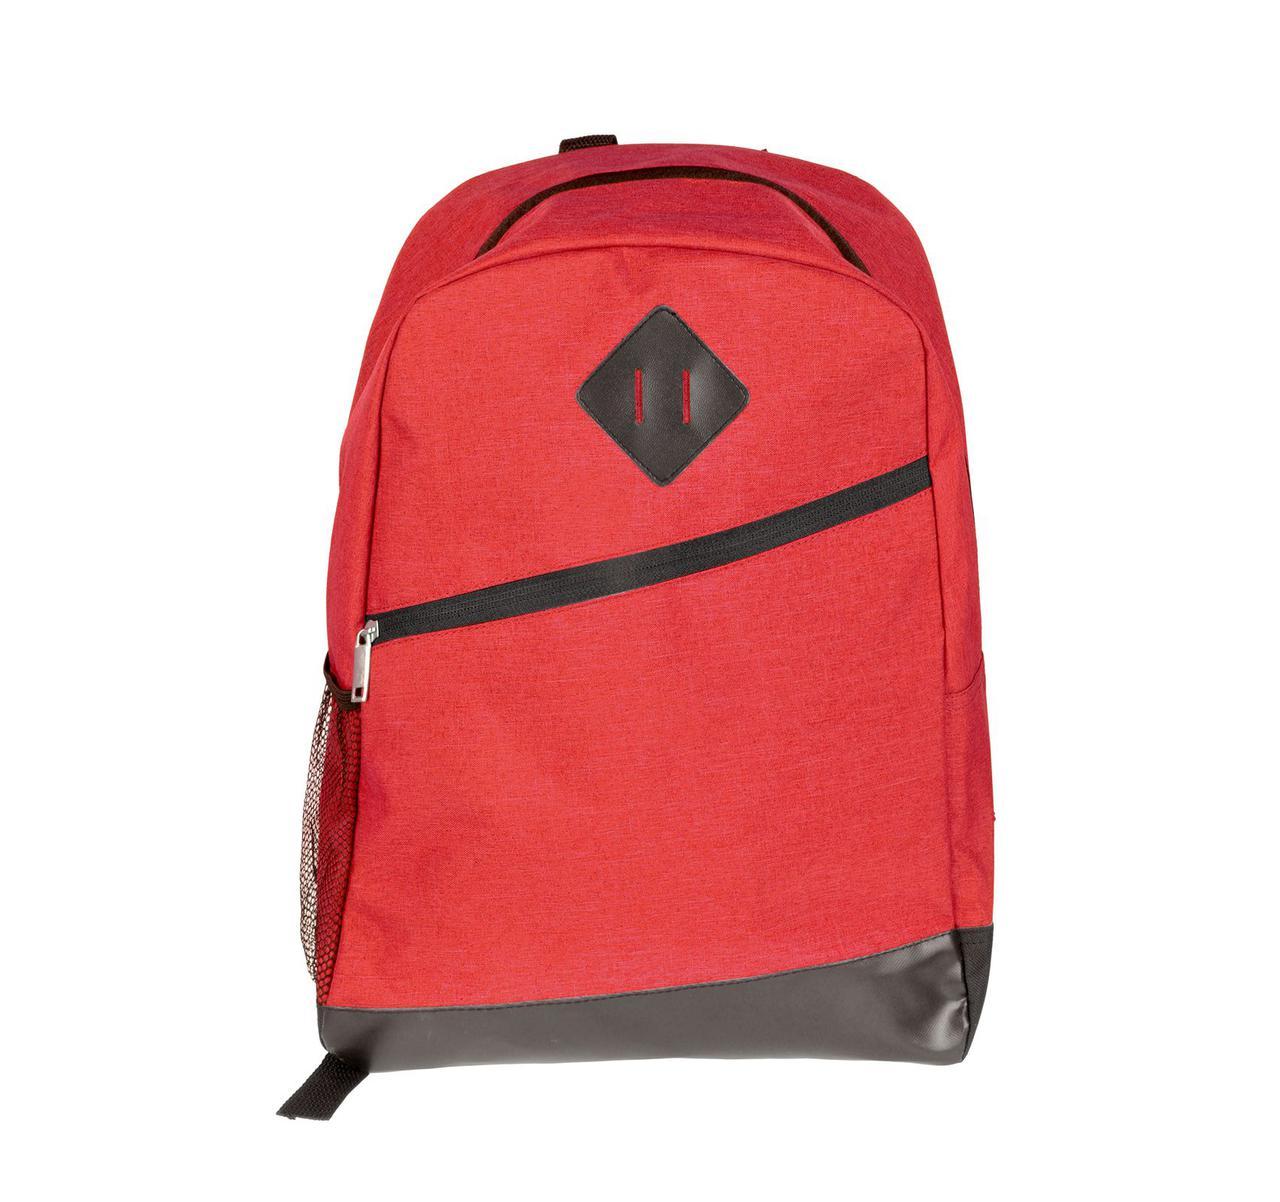 Рюкзак для путешествий,спорта